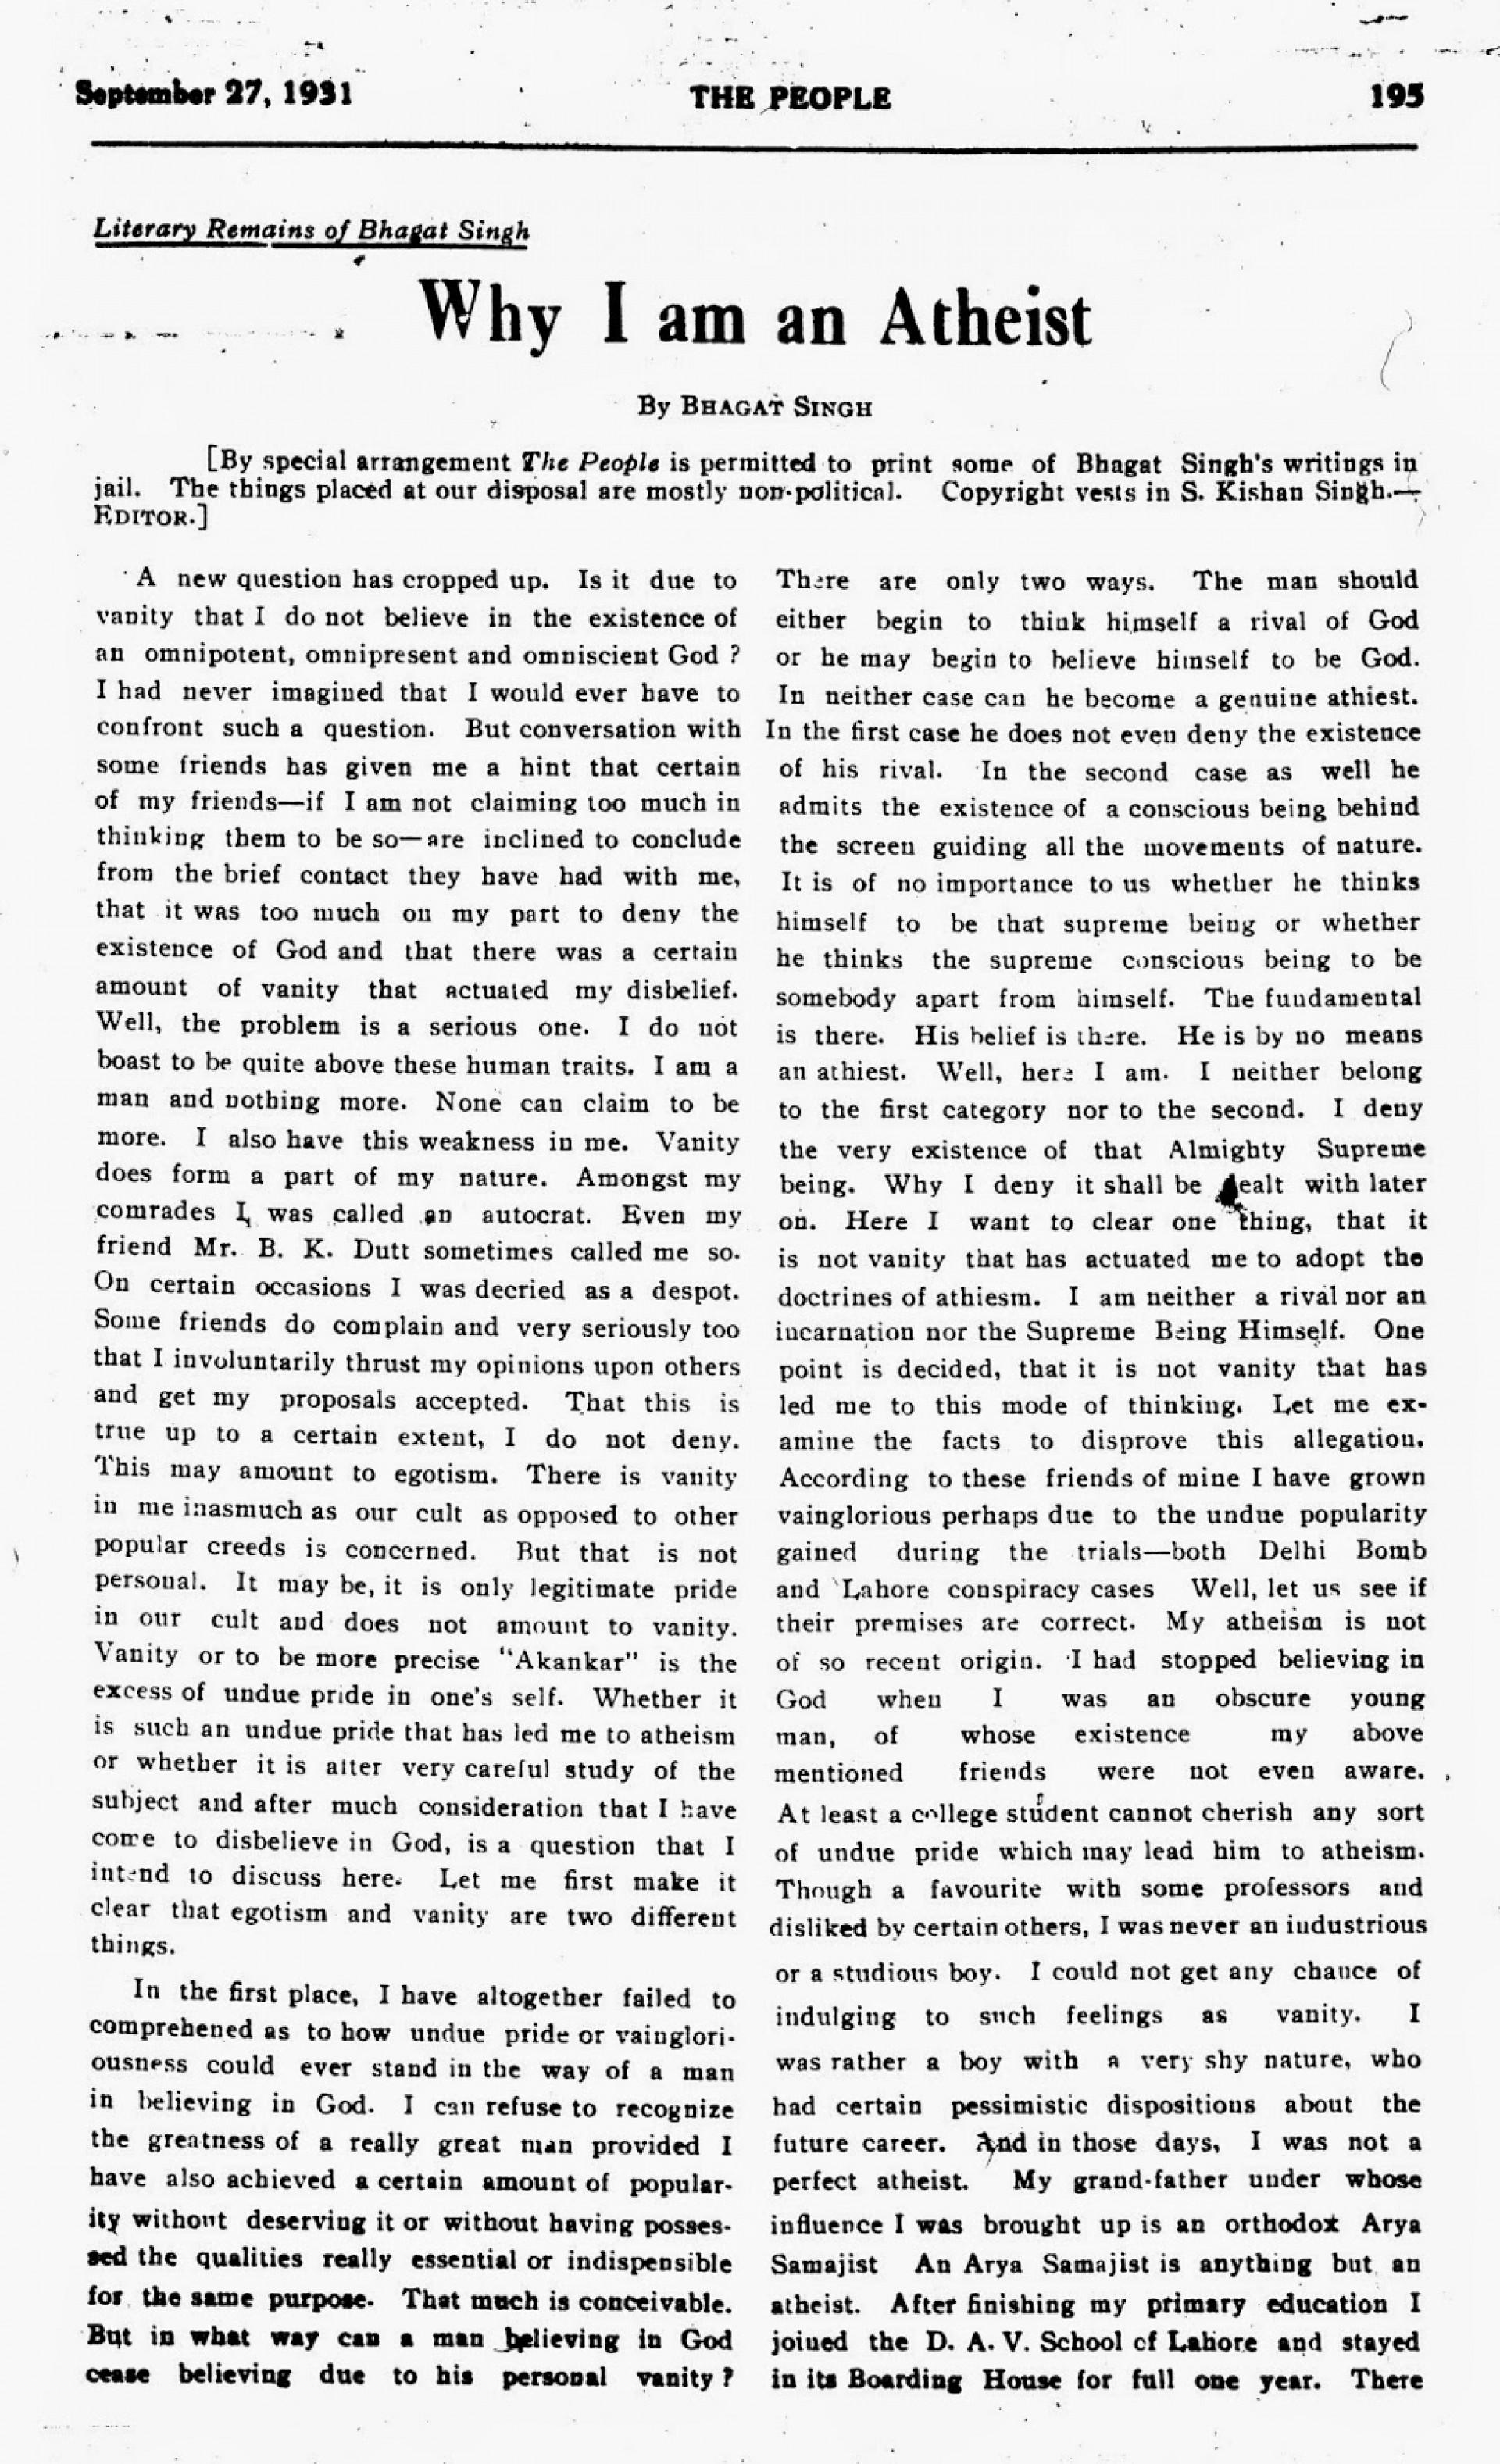 010 Essay On Bhagat Singh In Marathi Example Why2bi2bam2ban2batheist Unique Short 100 Words 1920